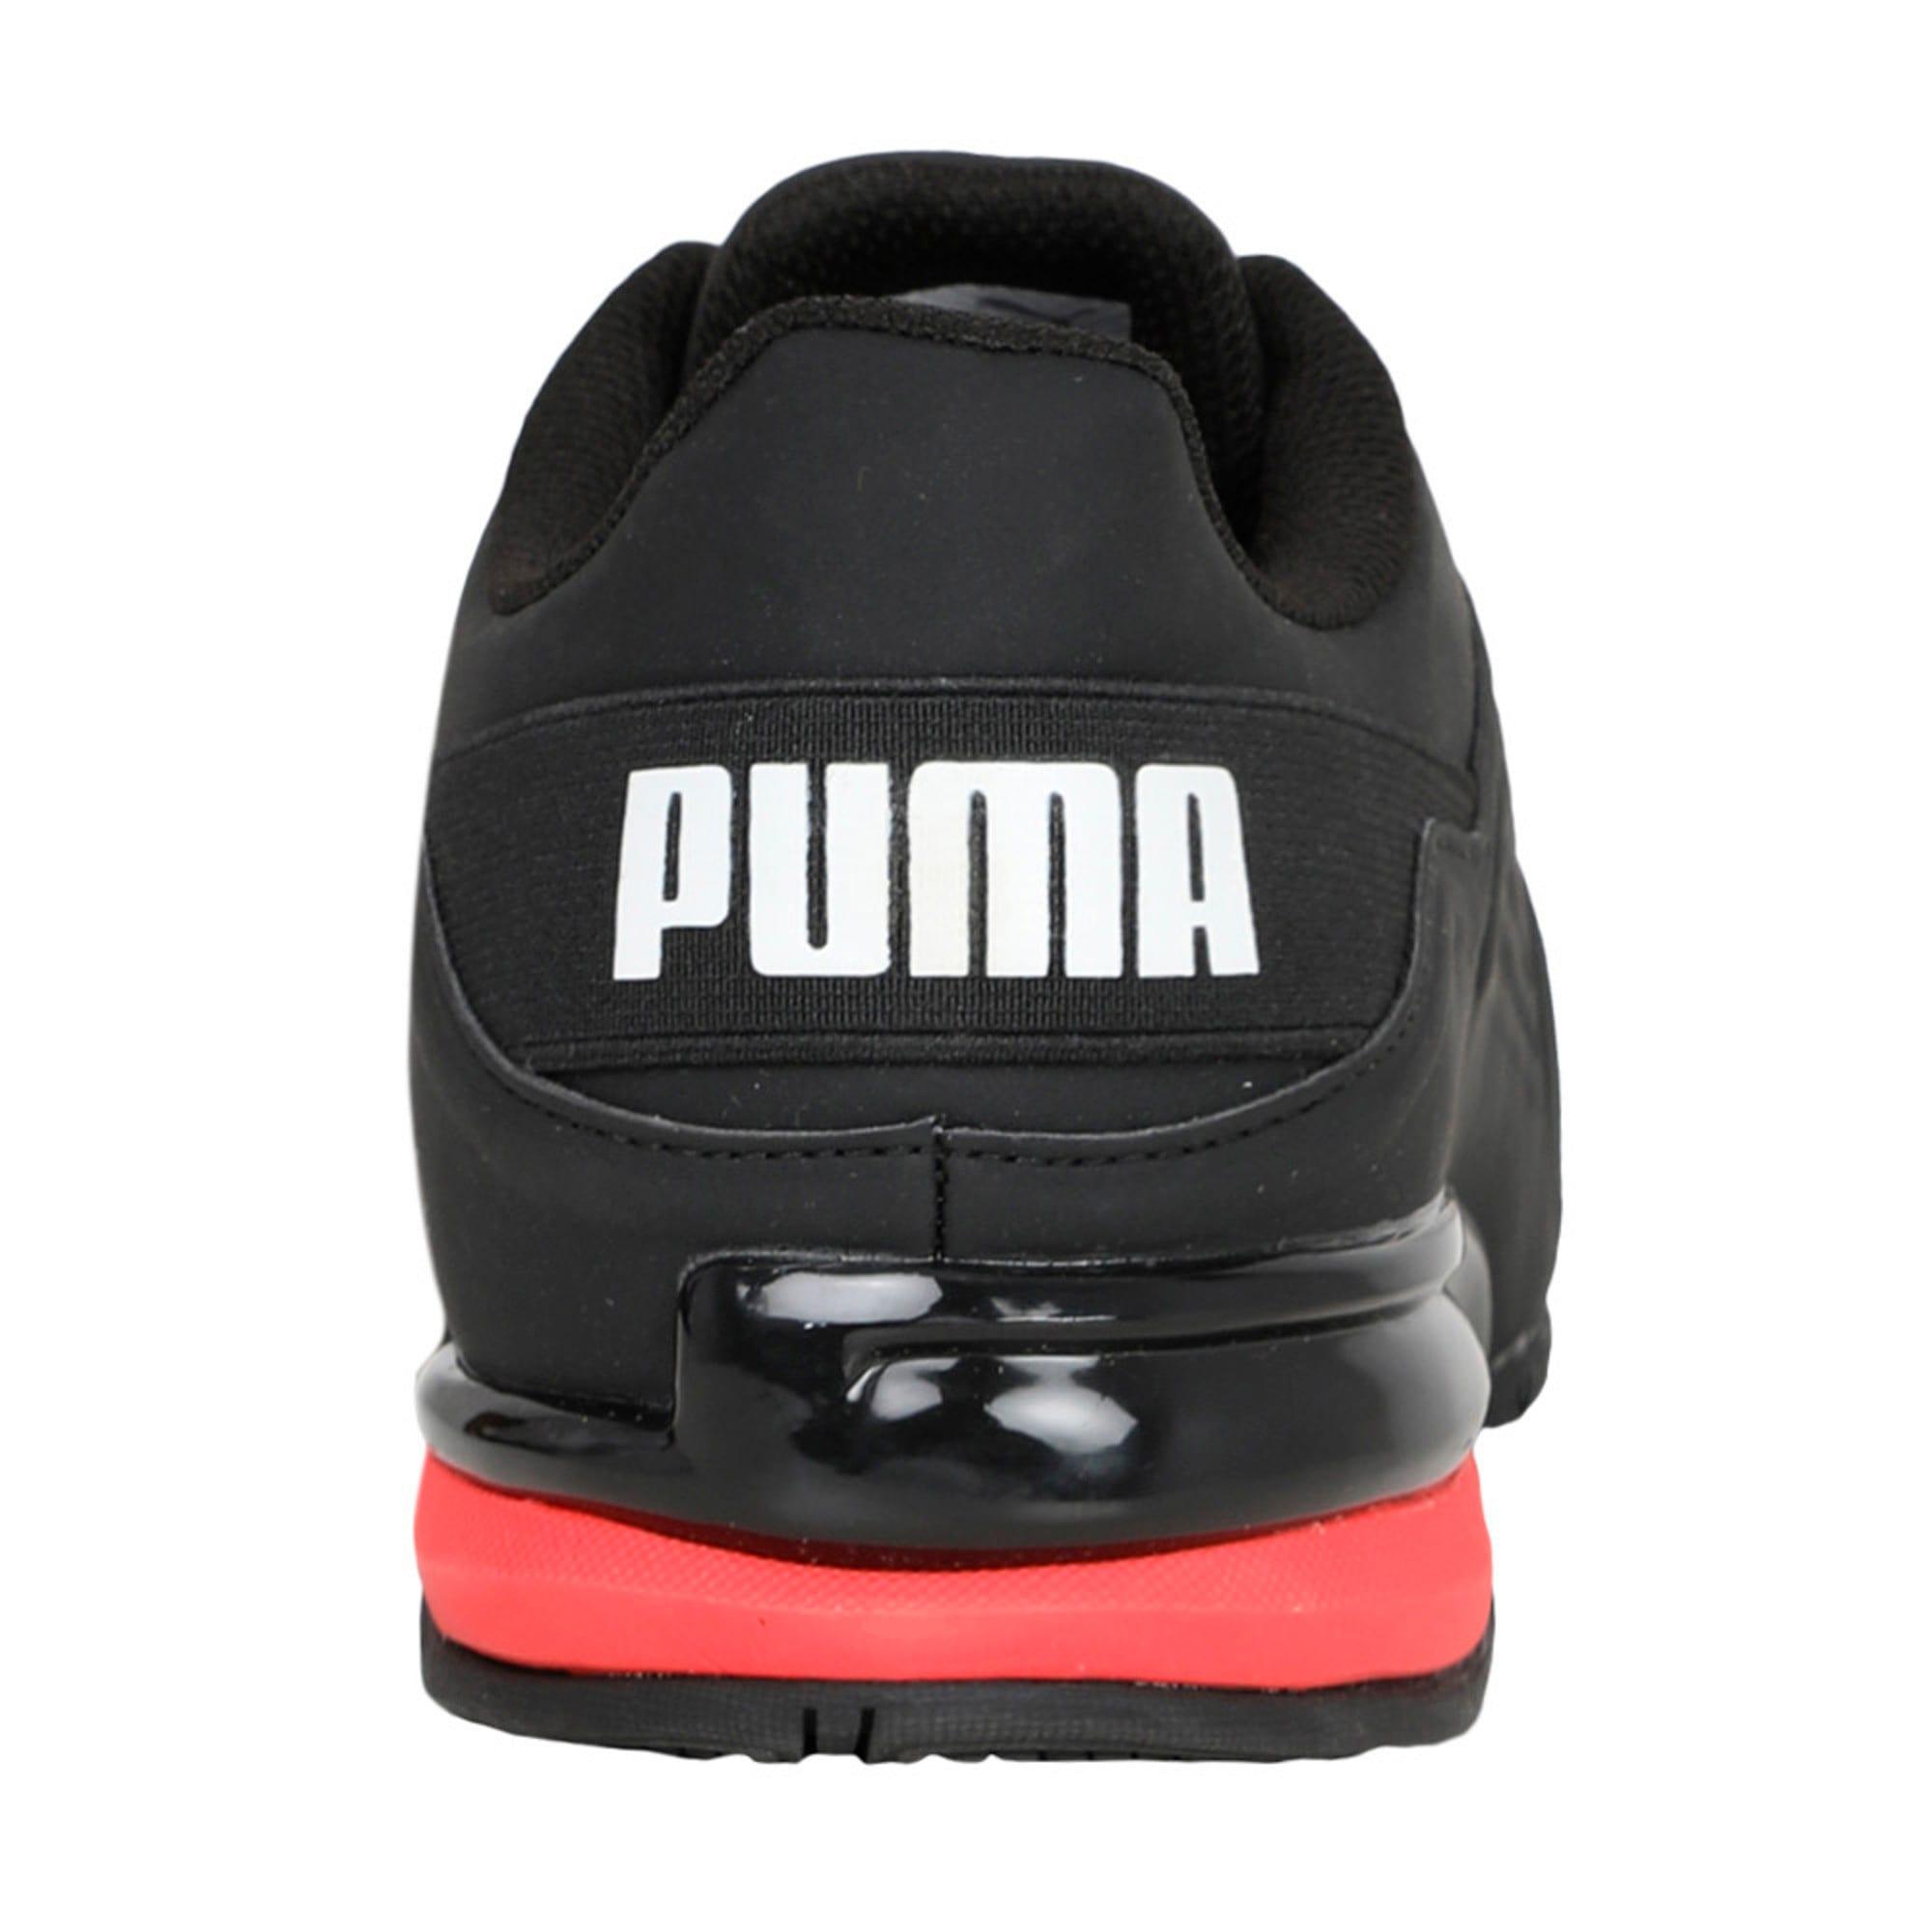 Thumbnail 4 of Viz Runner Puma White-Puma Black, Puma Black-Puma White, medium-IND